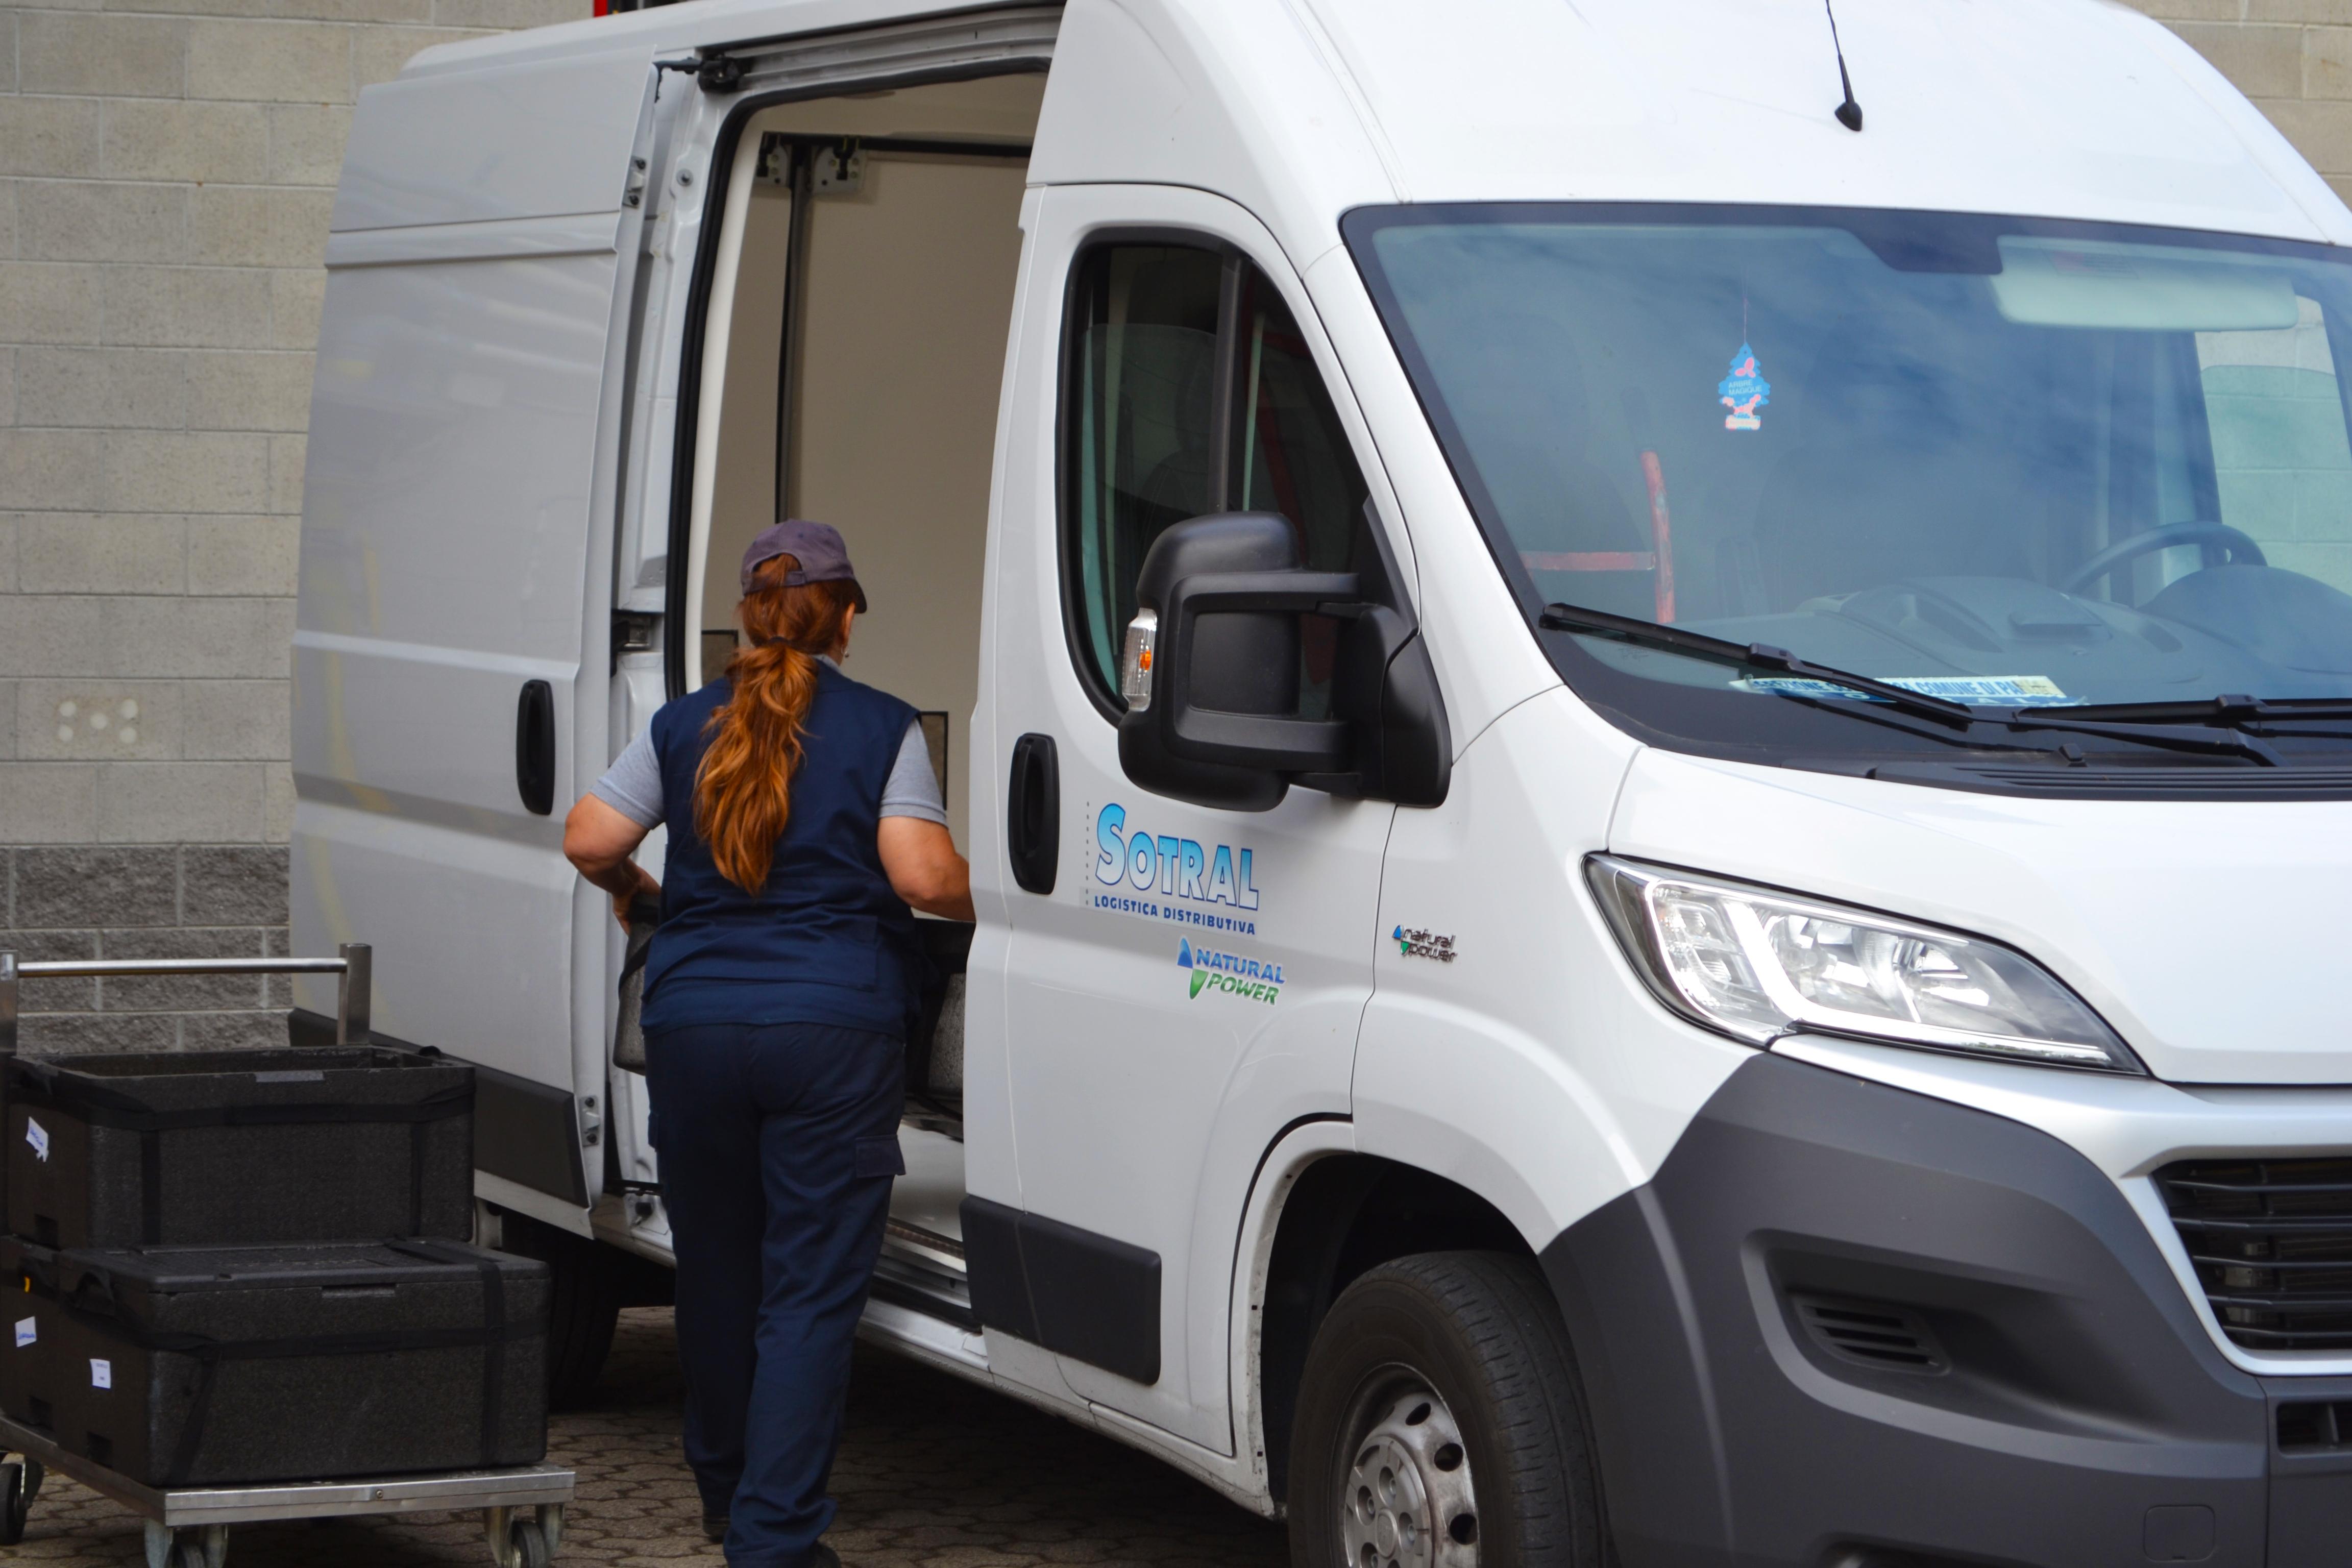 sotral-s-r-l-trasporto-pasti-azienda-lavoro